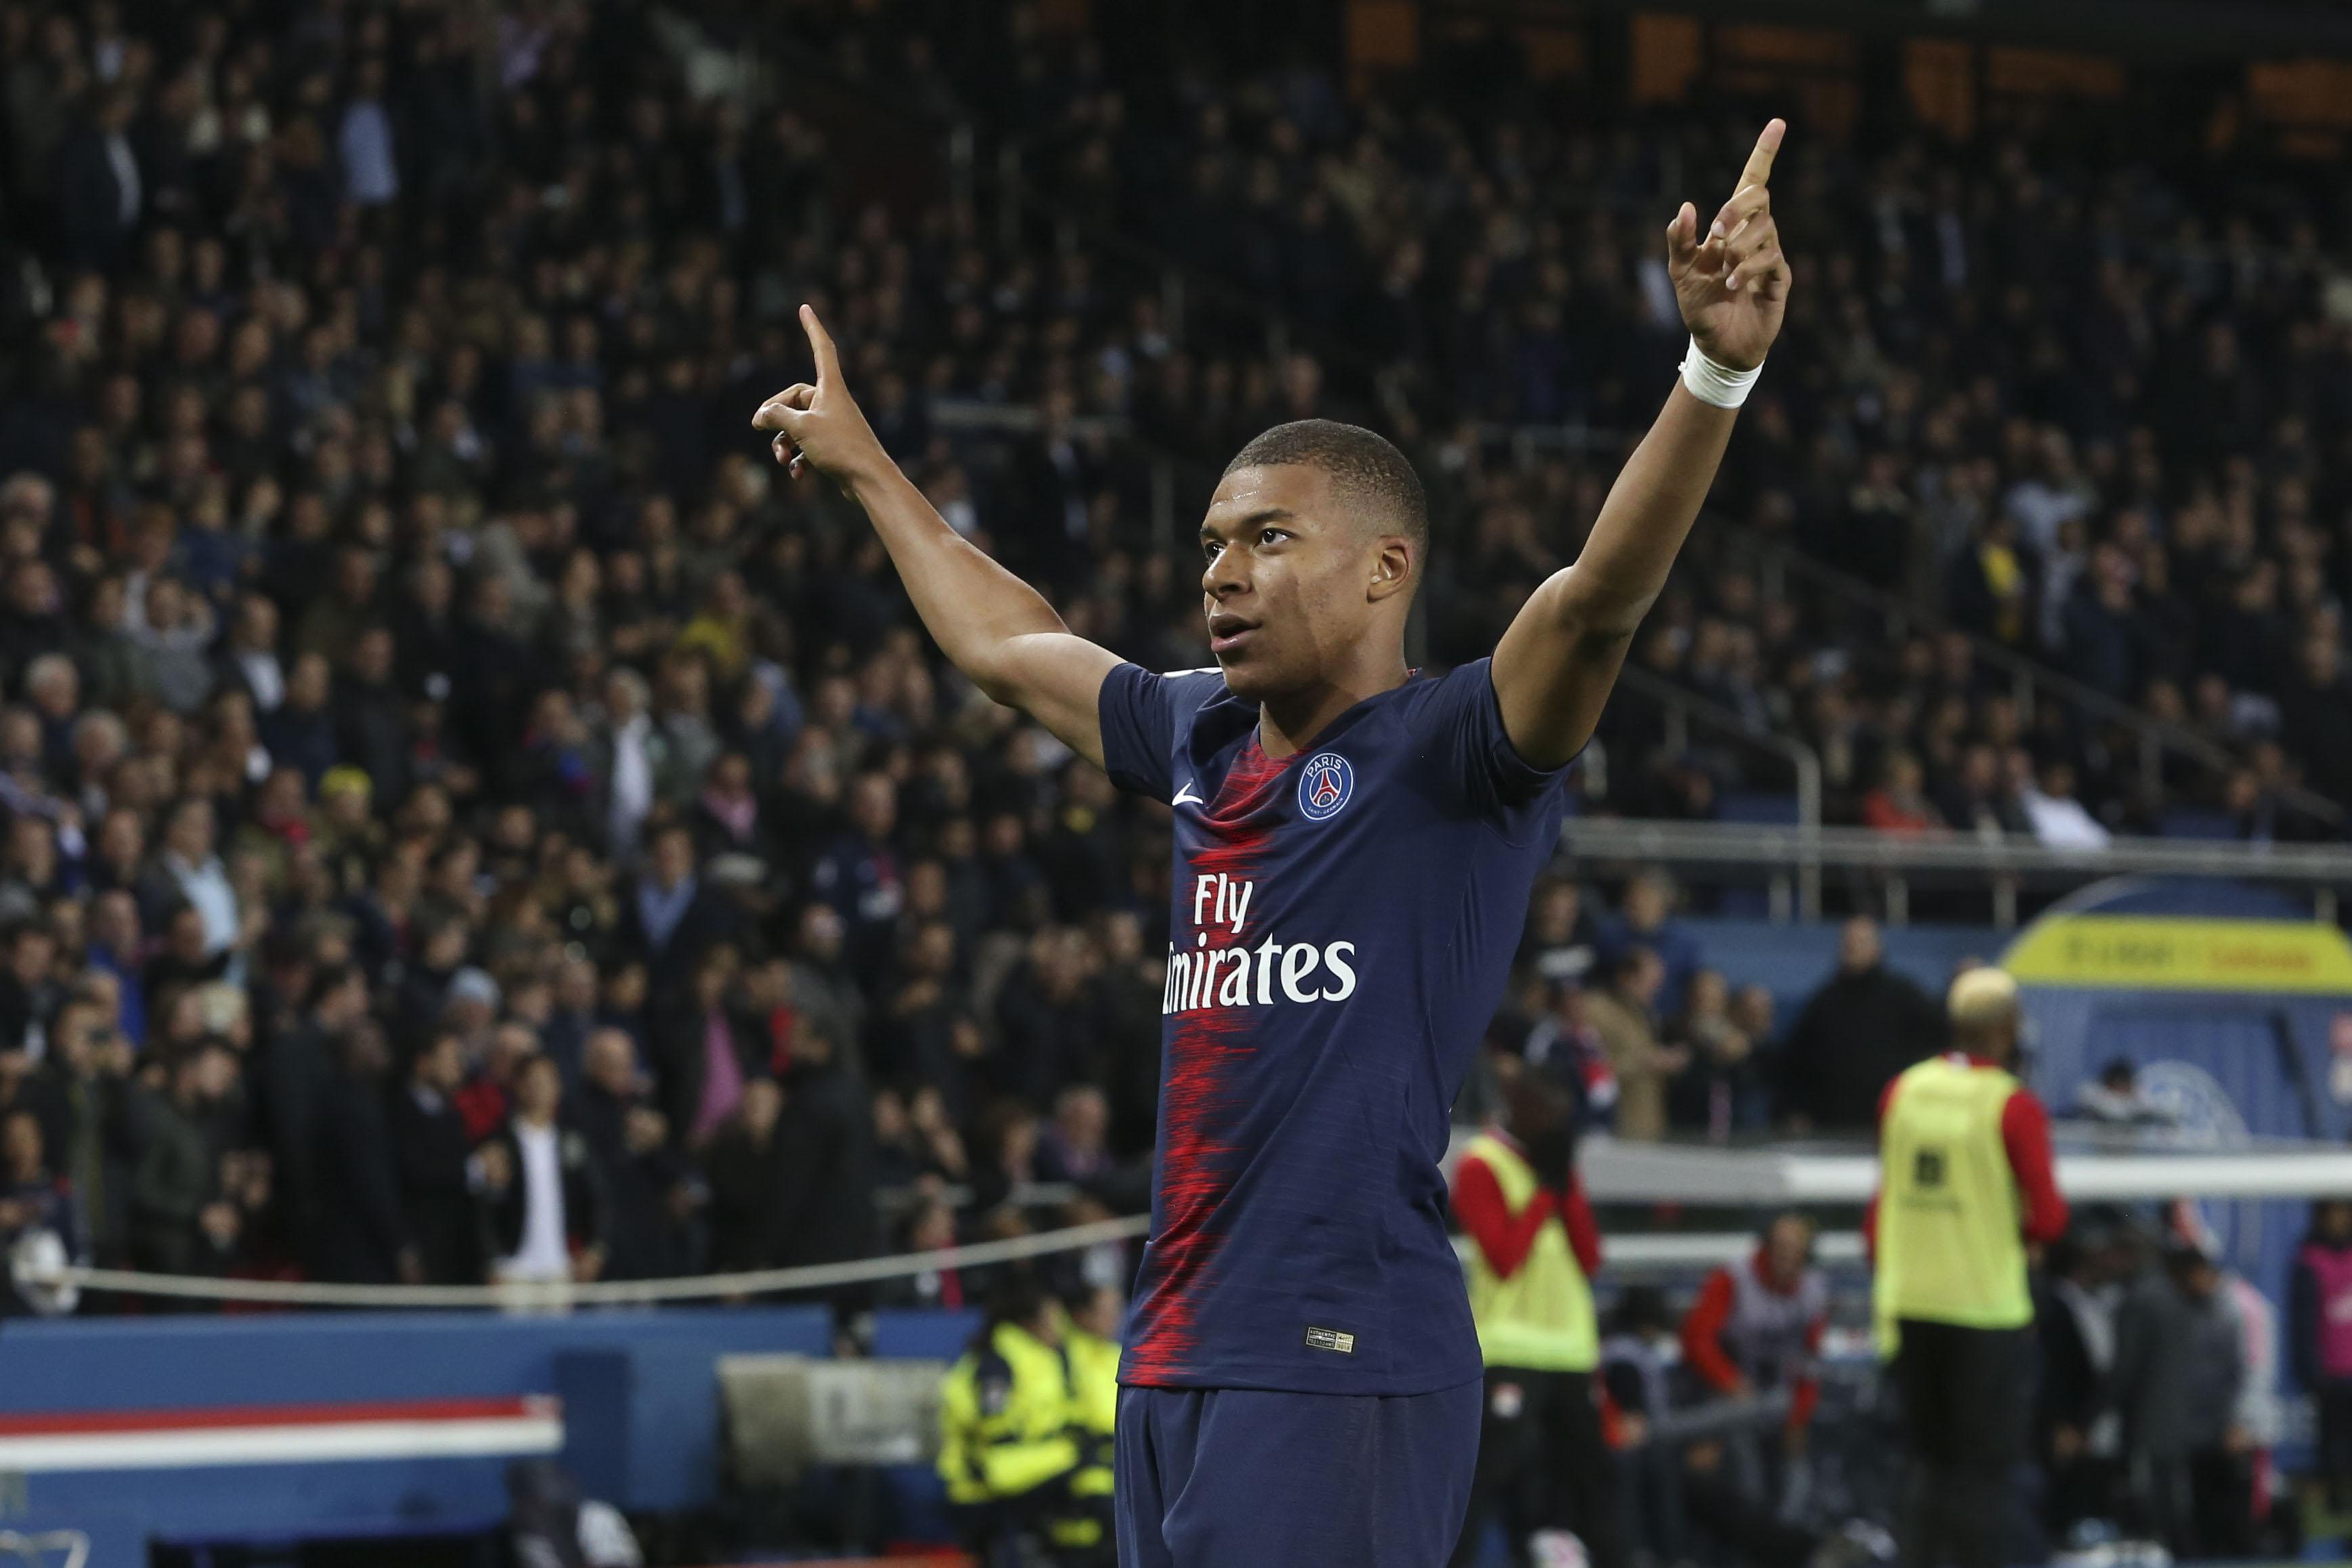 Football - Ligue 1 - Il y a un an, Mbappé inscrivait un quadruplé historique contre Lyon